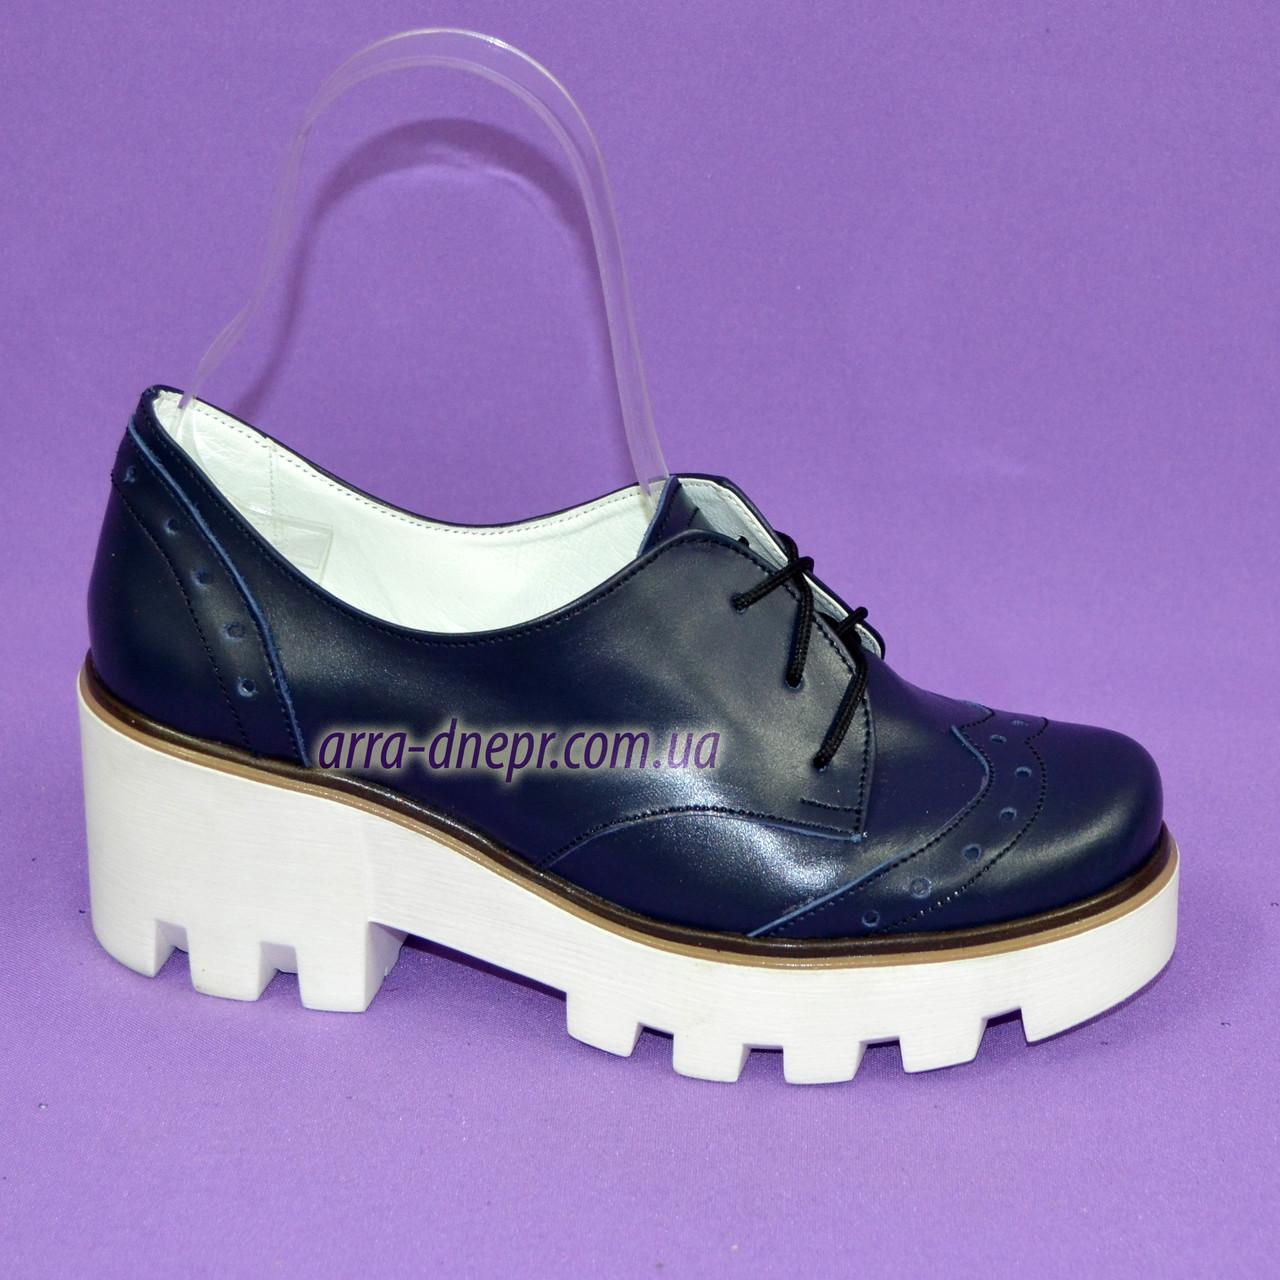 Женские туфли на шнуровке из натуральной кожи синего цвета, белая платформа